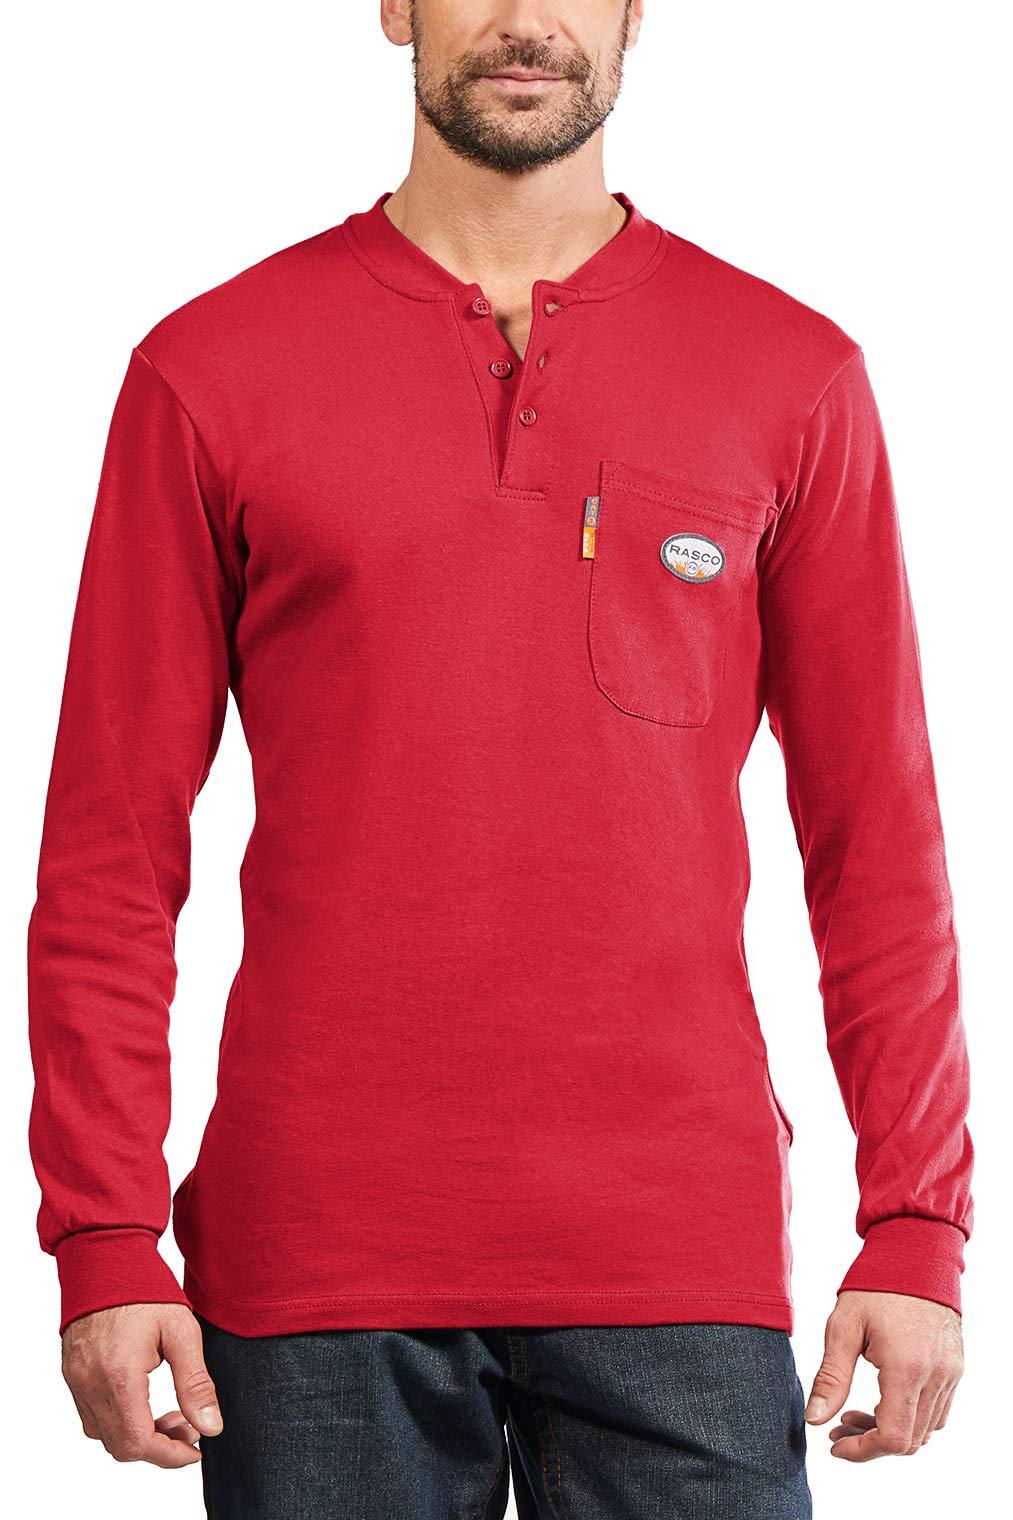 Rasco FR Men's Red Henley T-Shirt (3XL)